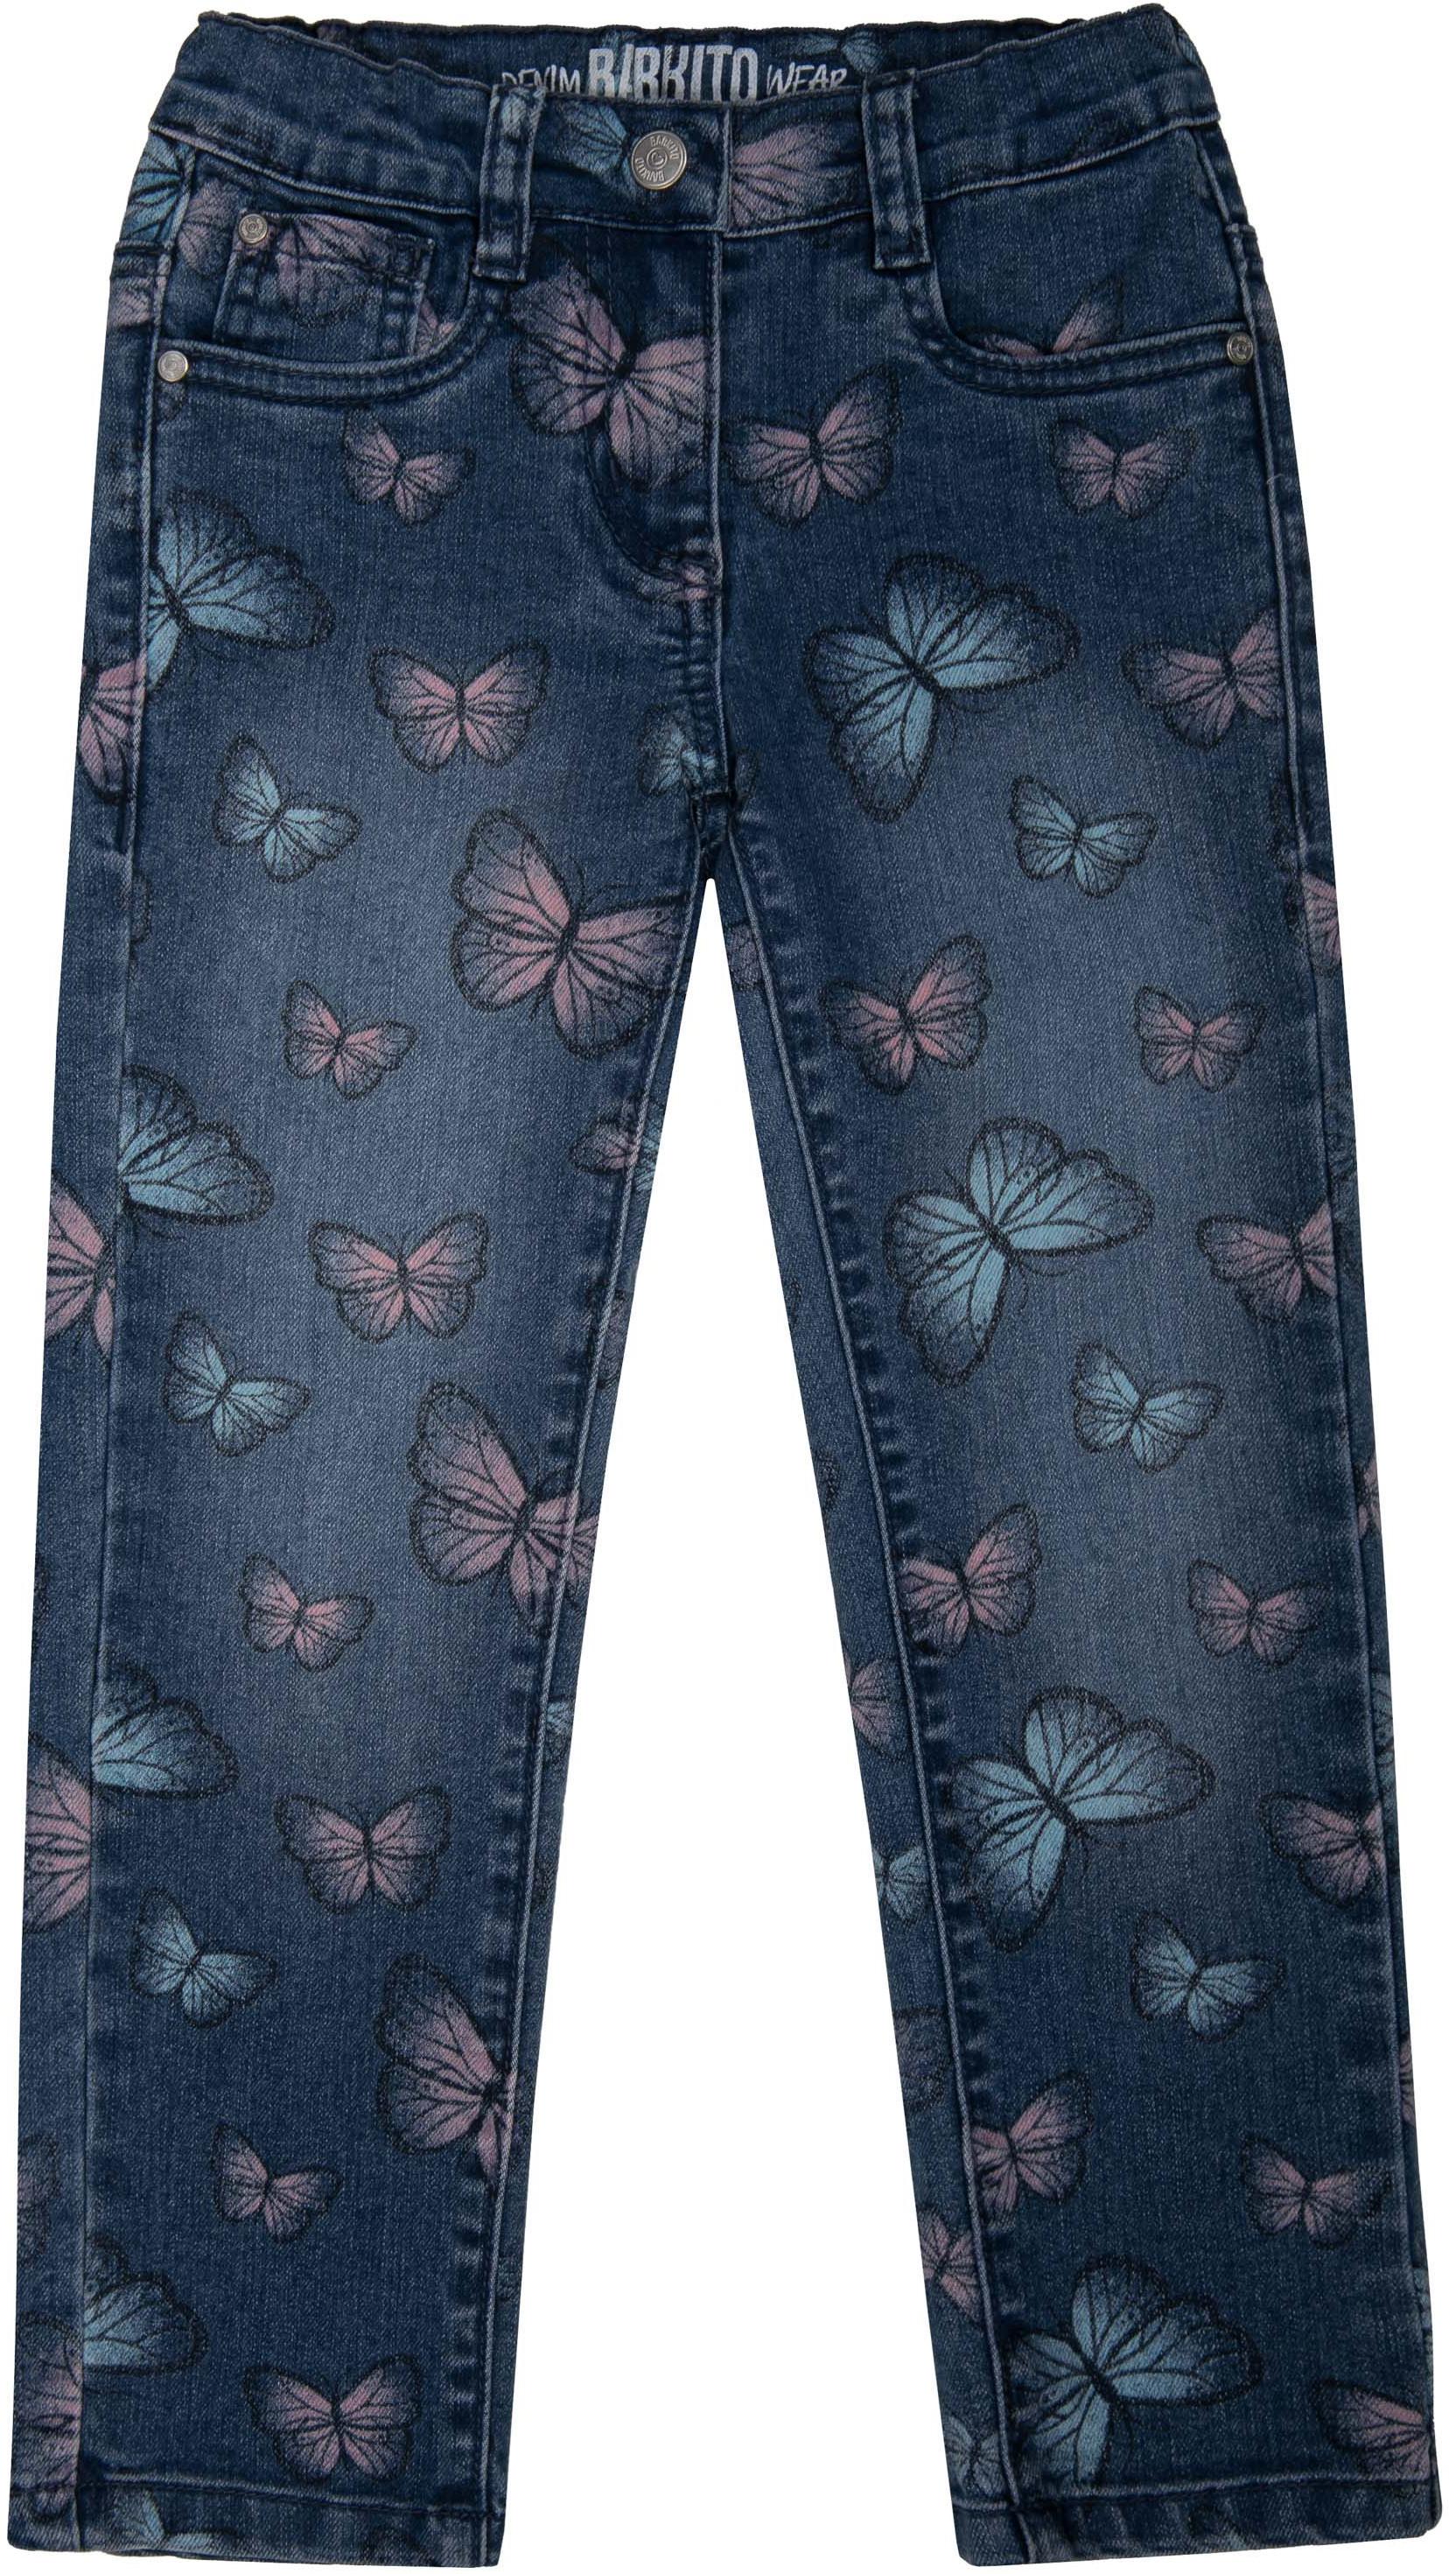 Брюки Barkito Деним S18G3009D легинсы barkito база голубой с рисунком бабочки